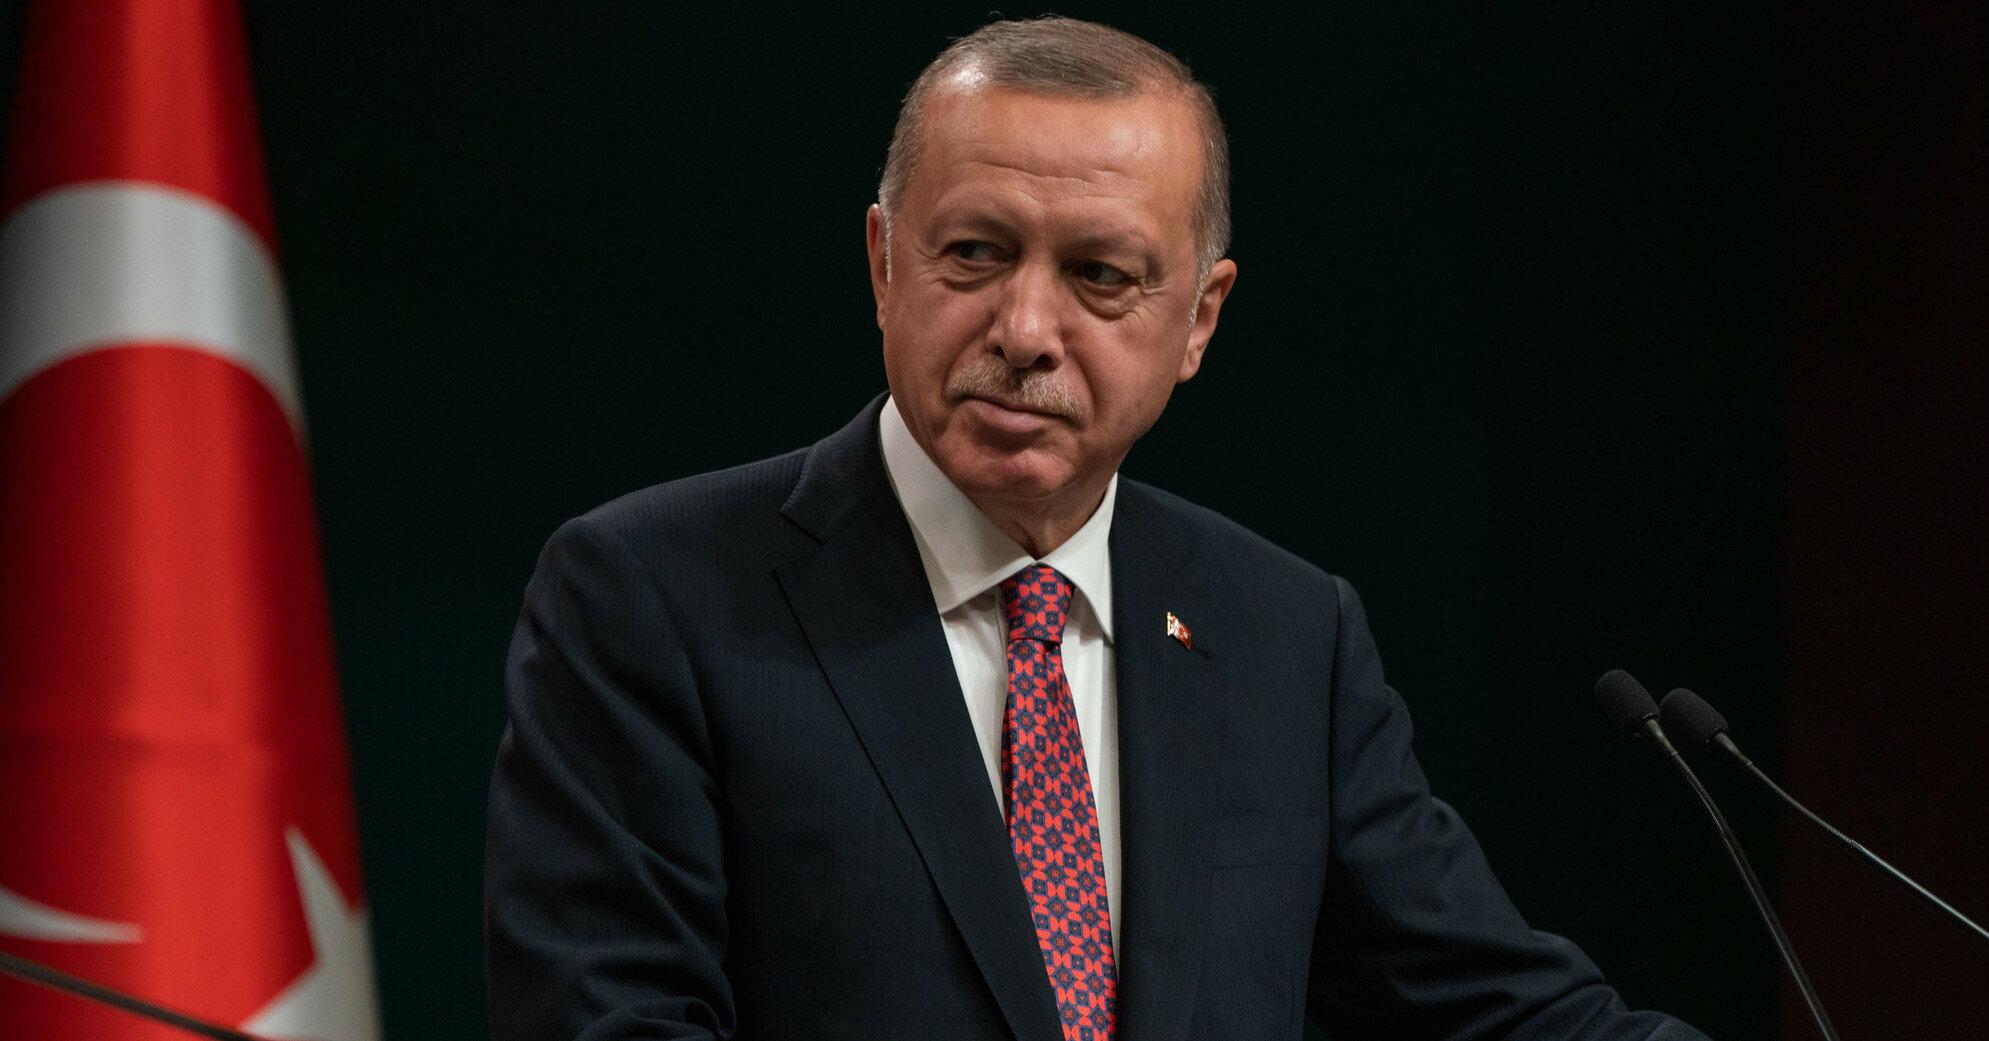 Байден и Эрдоган не достигли прогресса в переговорах